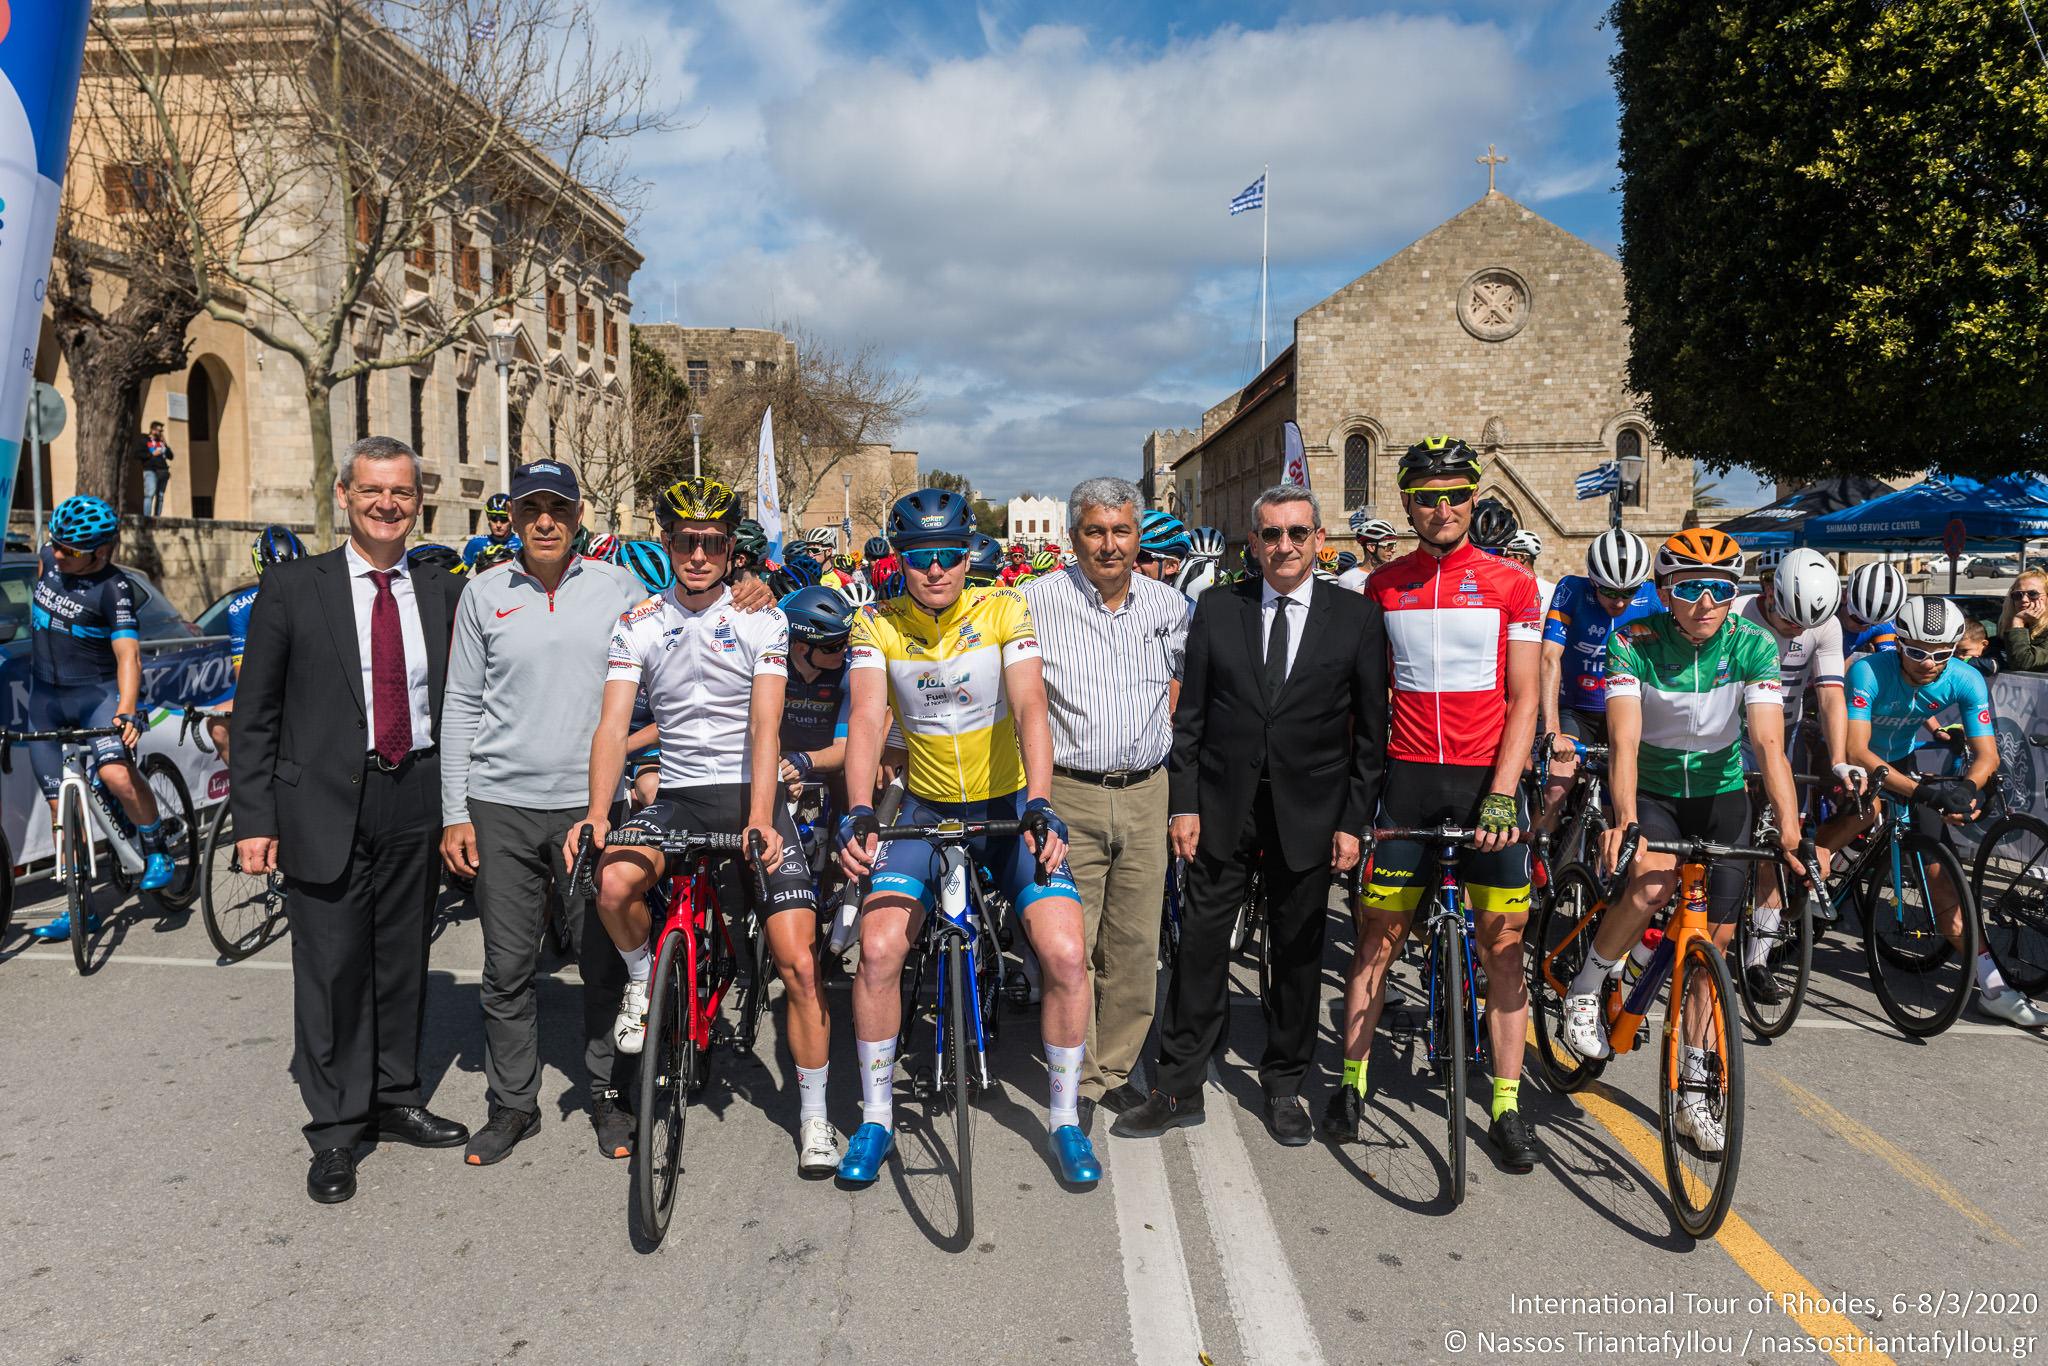 Σε όλα άριστα πήρε η Ελλάδα στη διοργάνωση των διεθνών αγώνων ποδηλασίας στη Ρόδο το 2020